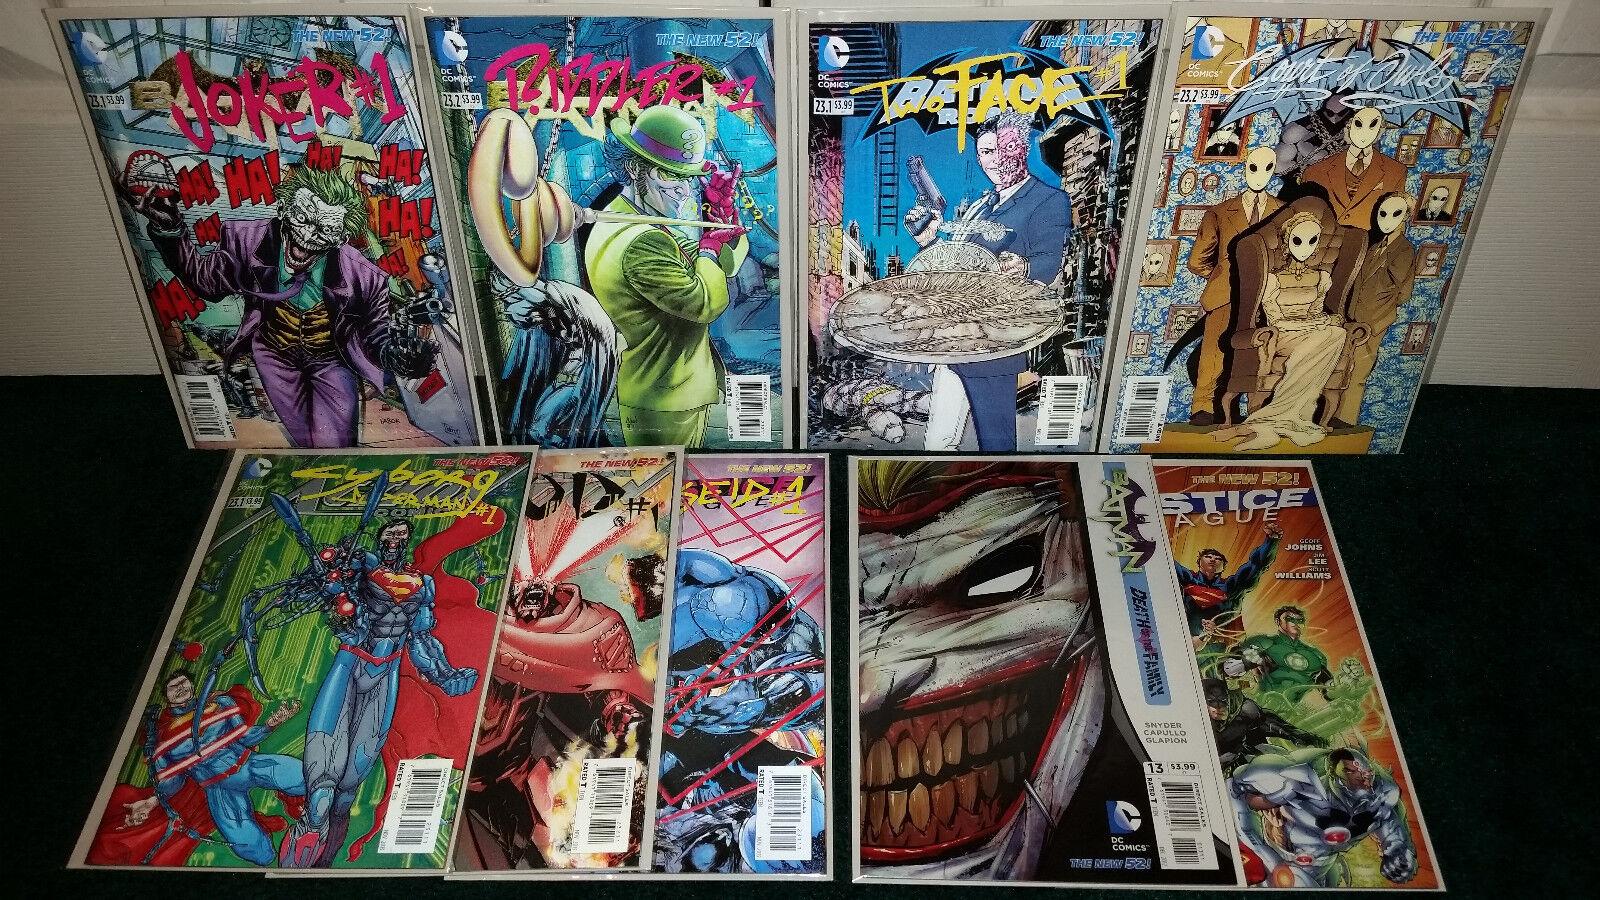 Batman - joker  riddler  two - face - superman zod   1 3d - deckung viel + dc comics